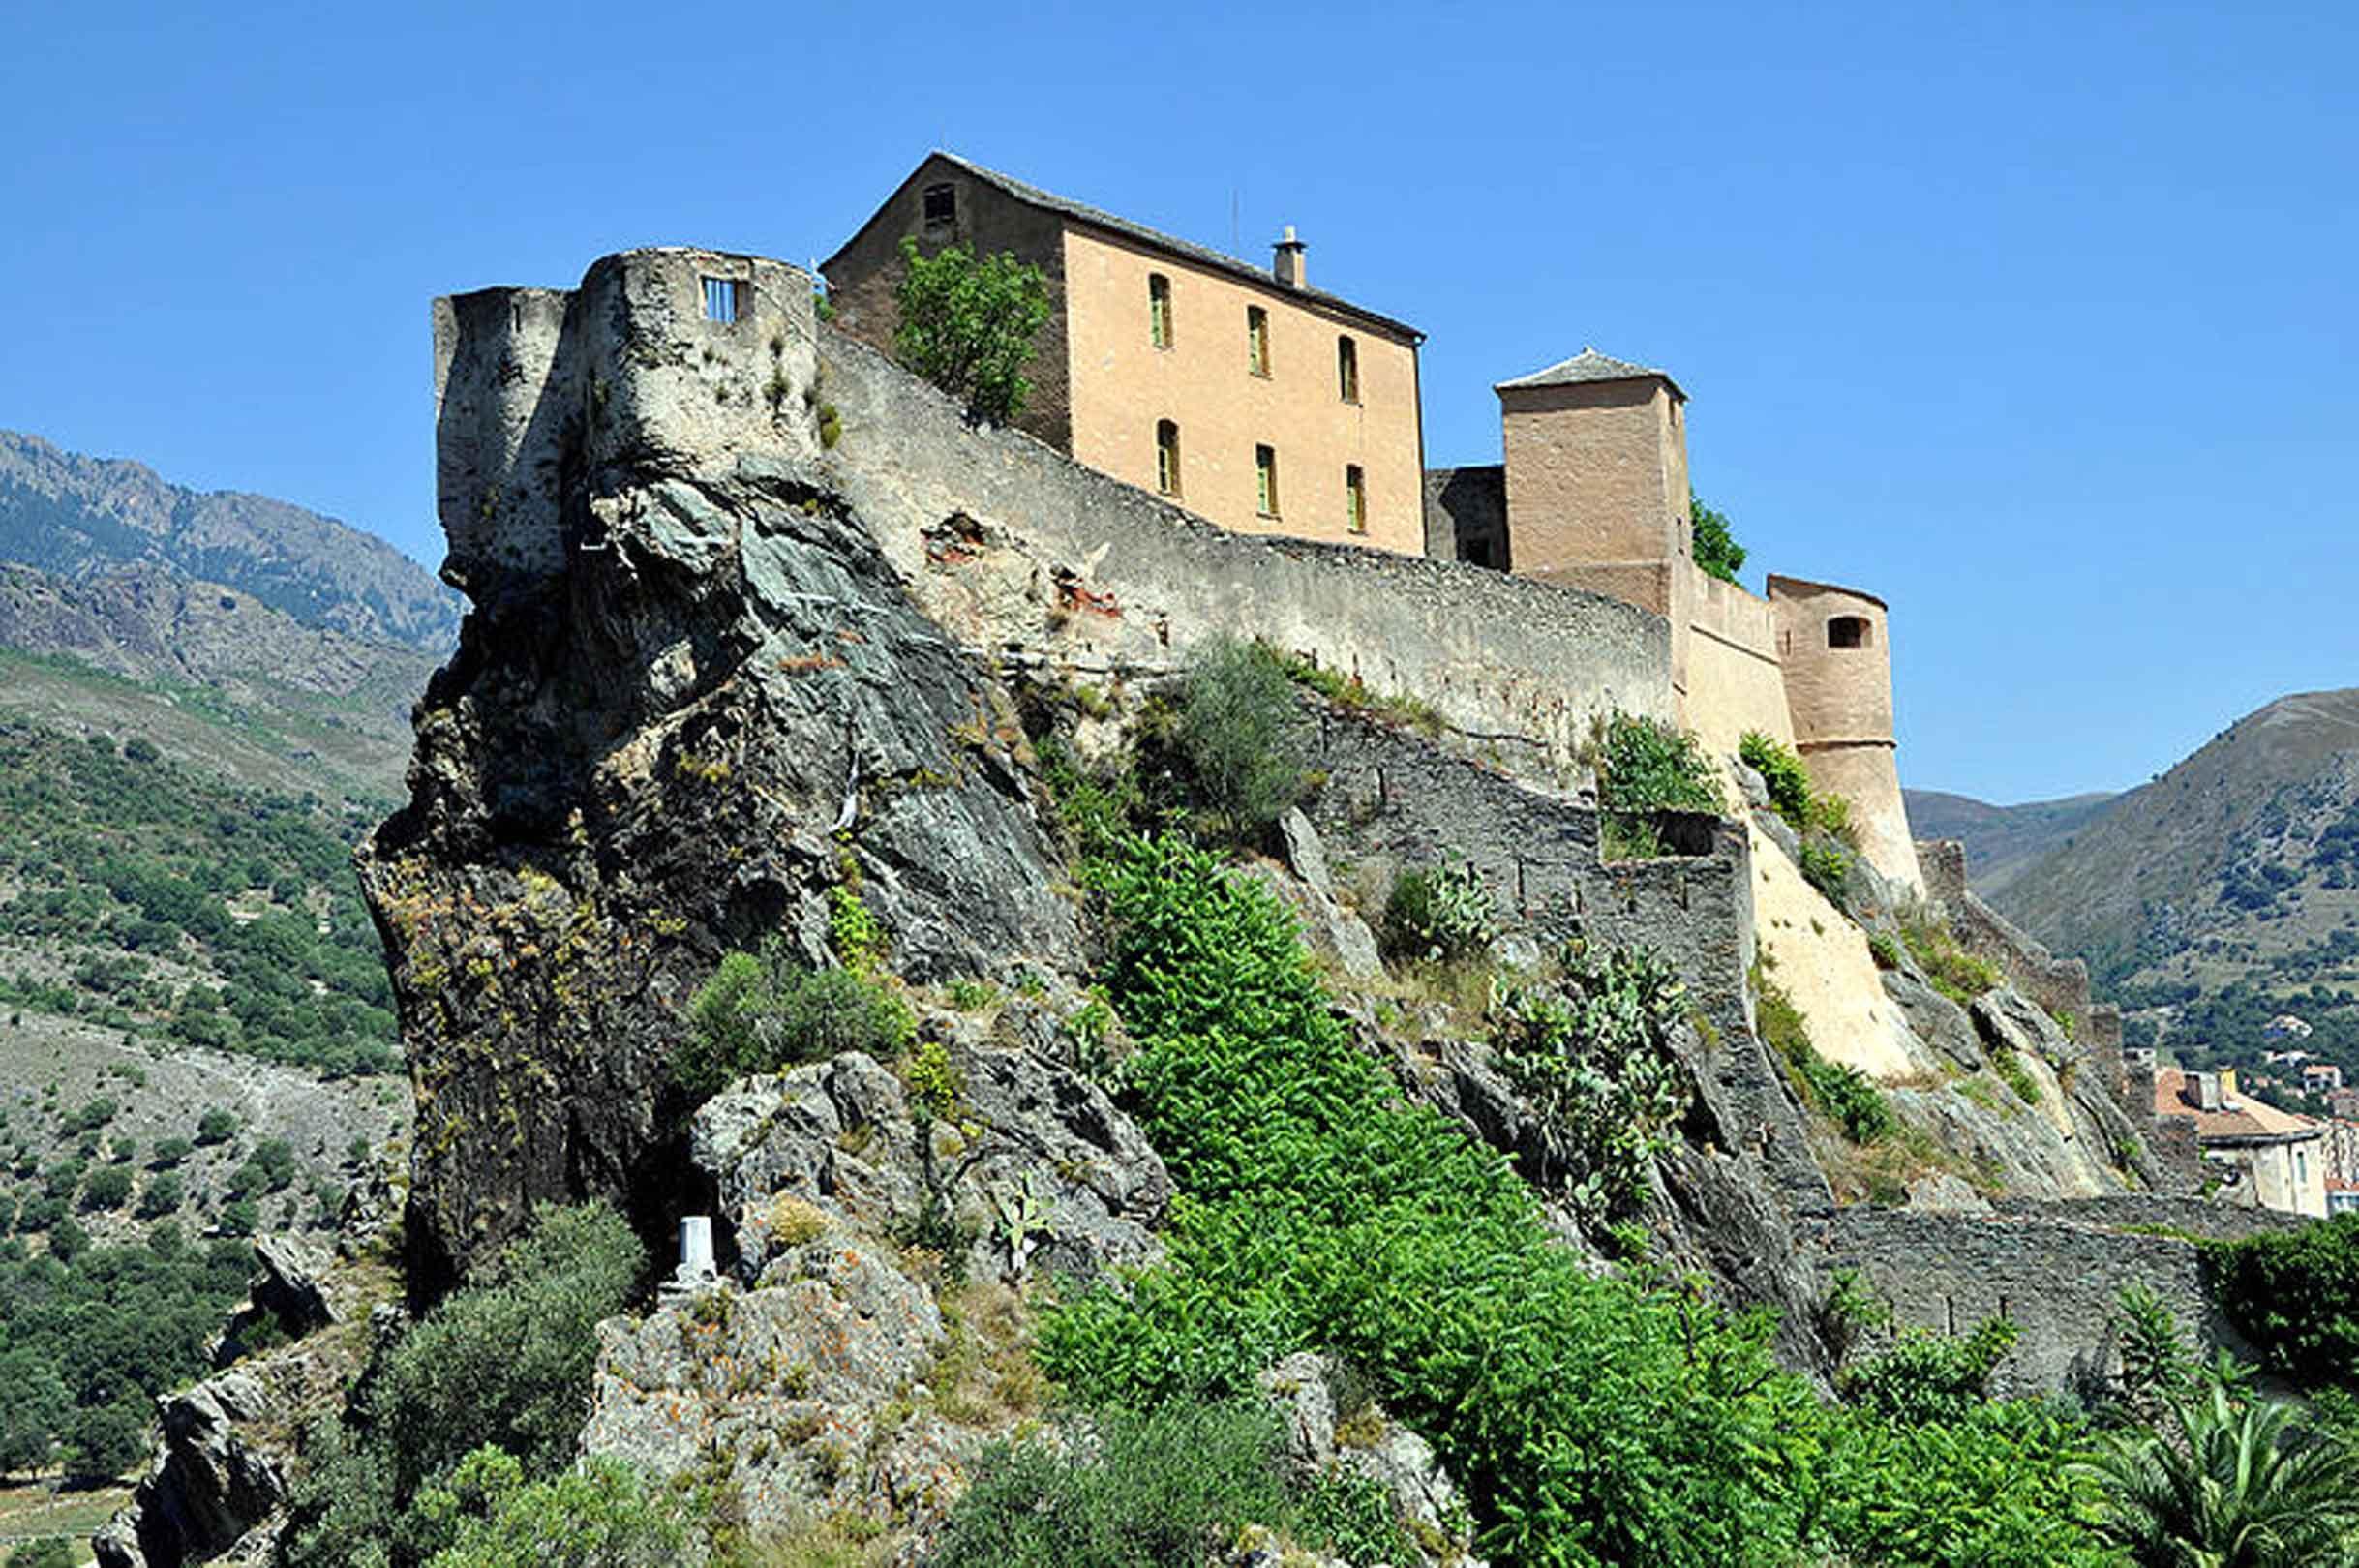 Montagna Legnami Alte Ceccato corsica, tra montagna e mare - gist.it